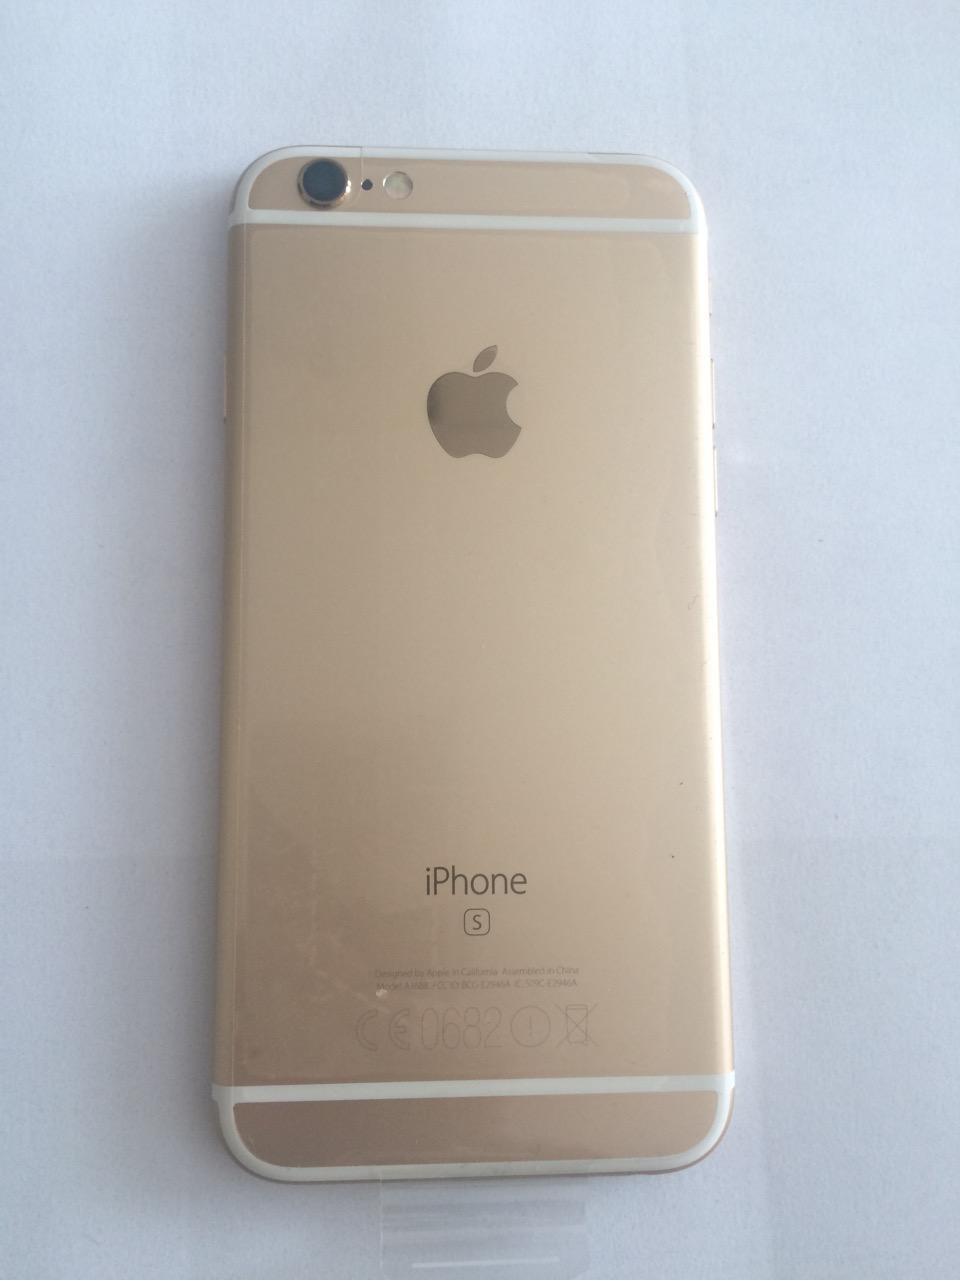 фото золотой айфон 6s